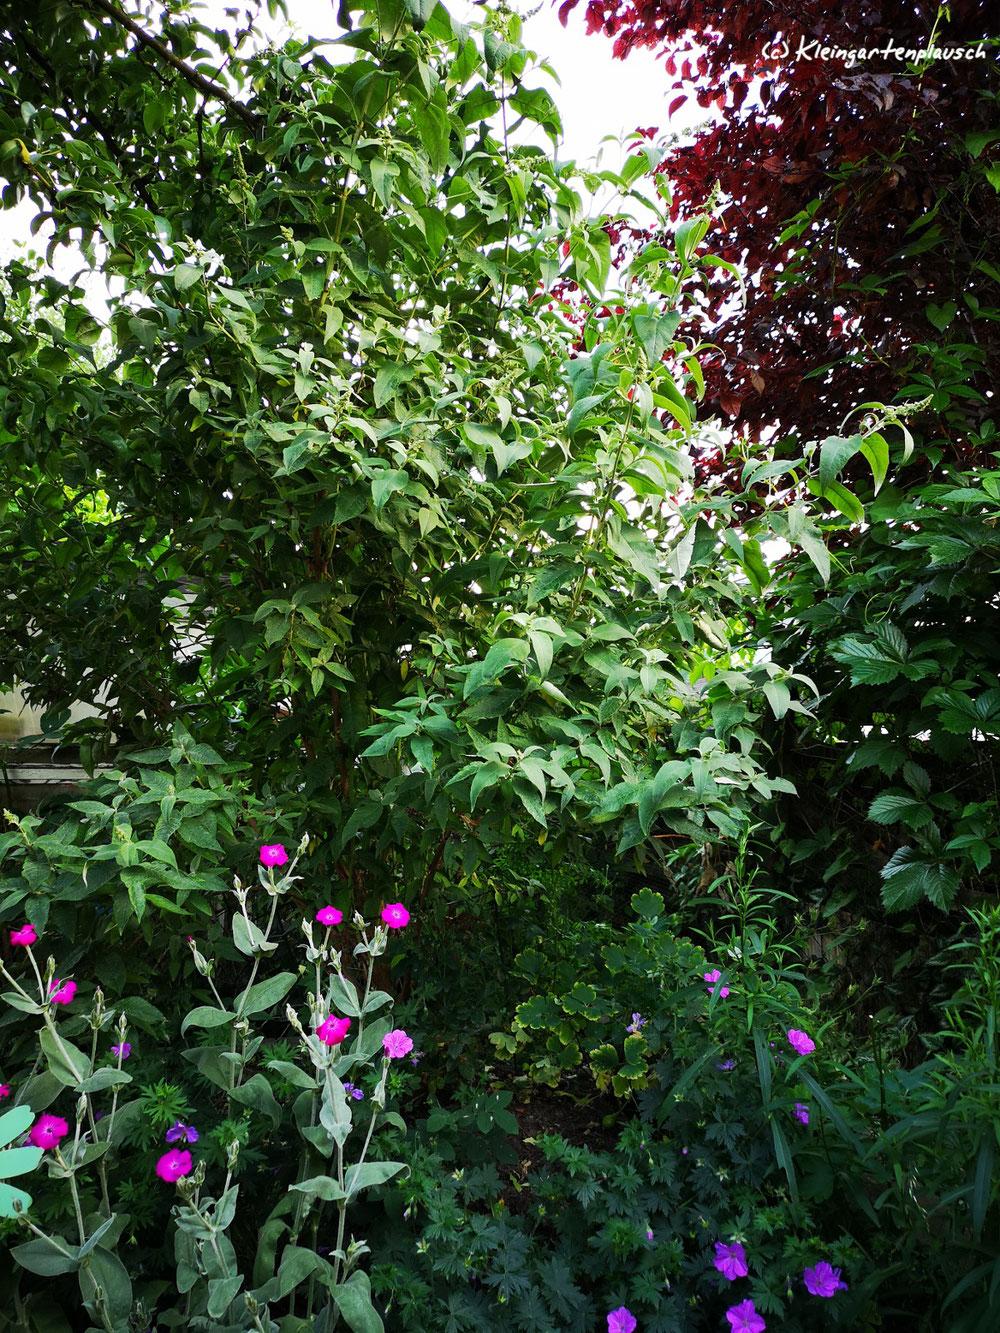 Letzter Abendschein und die in Realität dunkelpinkfarbenen Vexiernelken geben nochmal alles, unterstützt vom Storchschnabel.